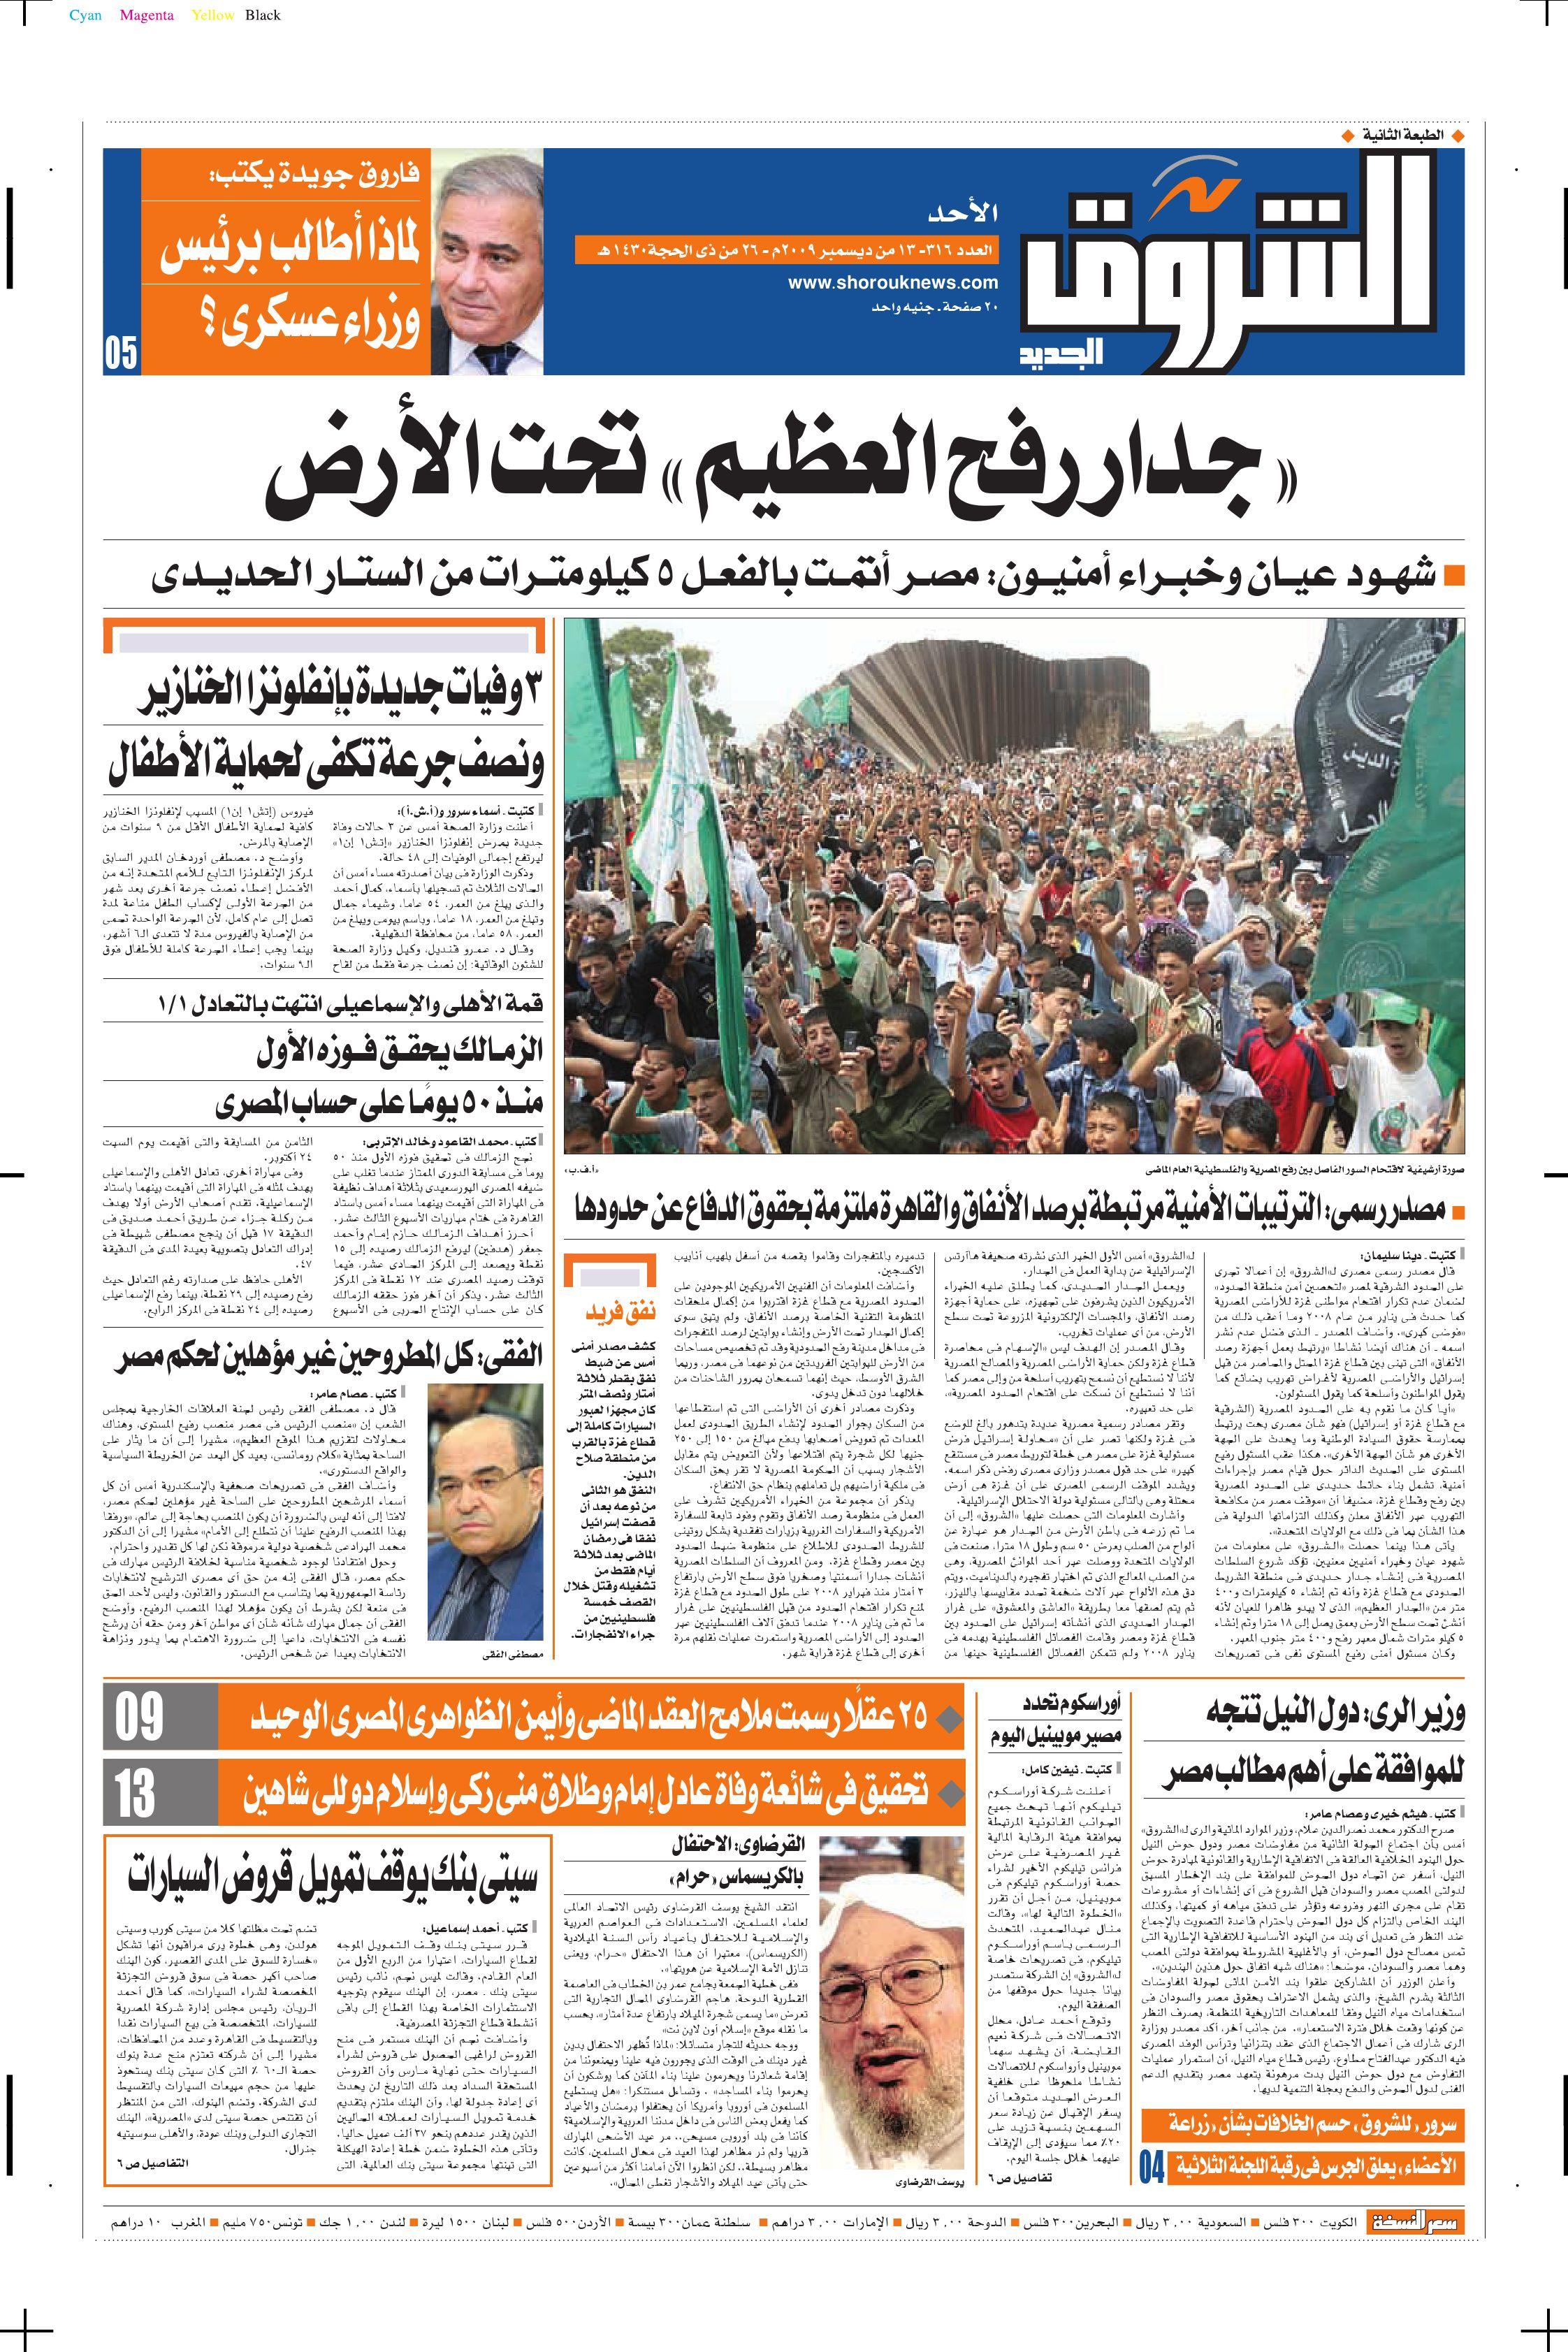 986c36bf7ec41 جريده الشروق by Mido Ahmed - issuu